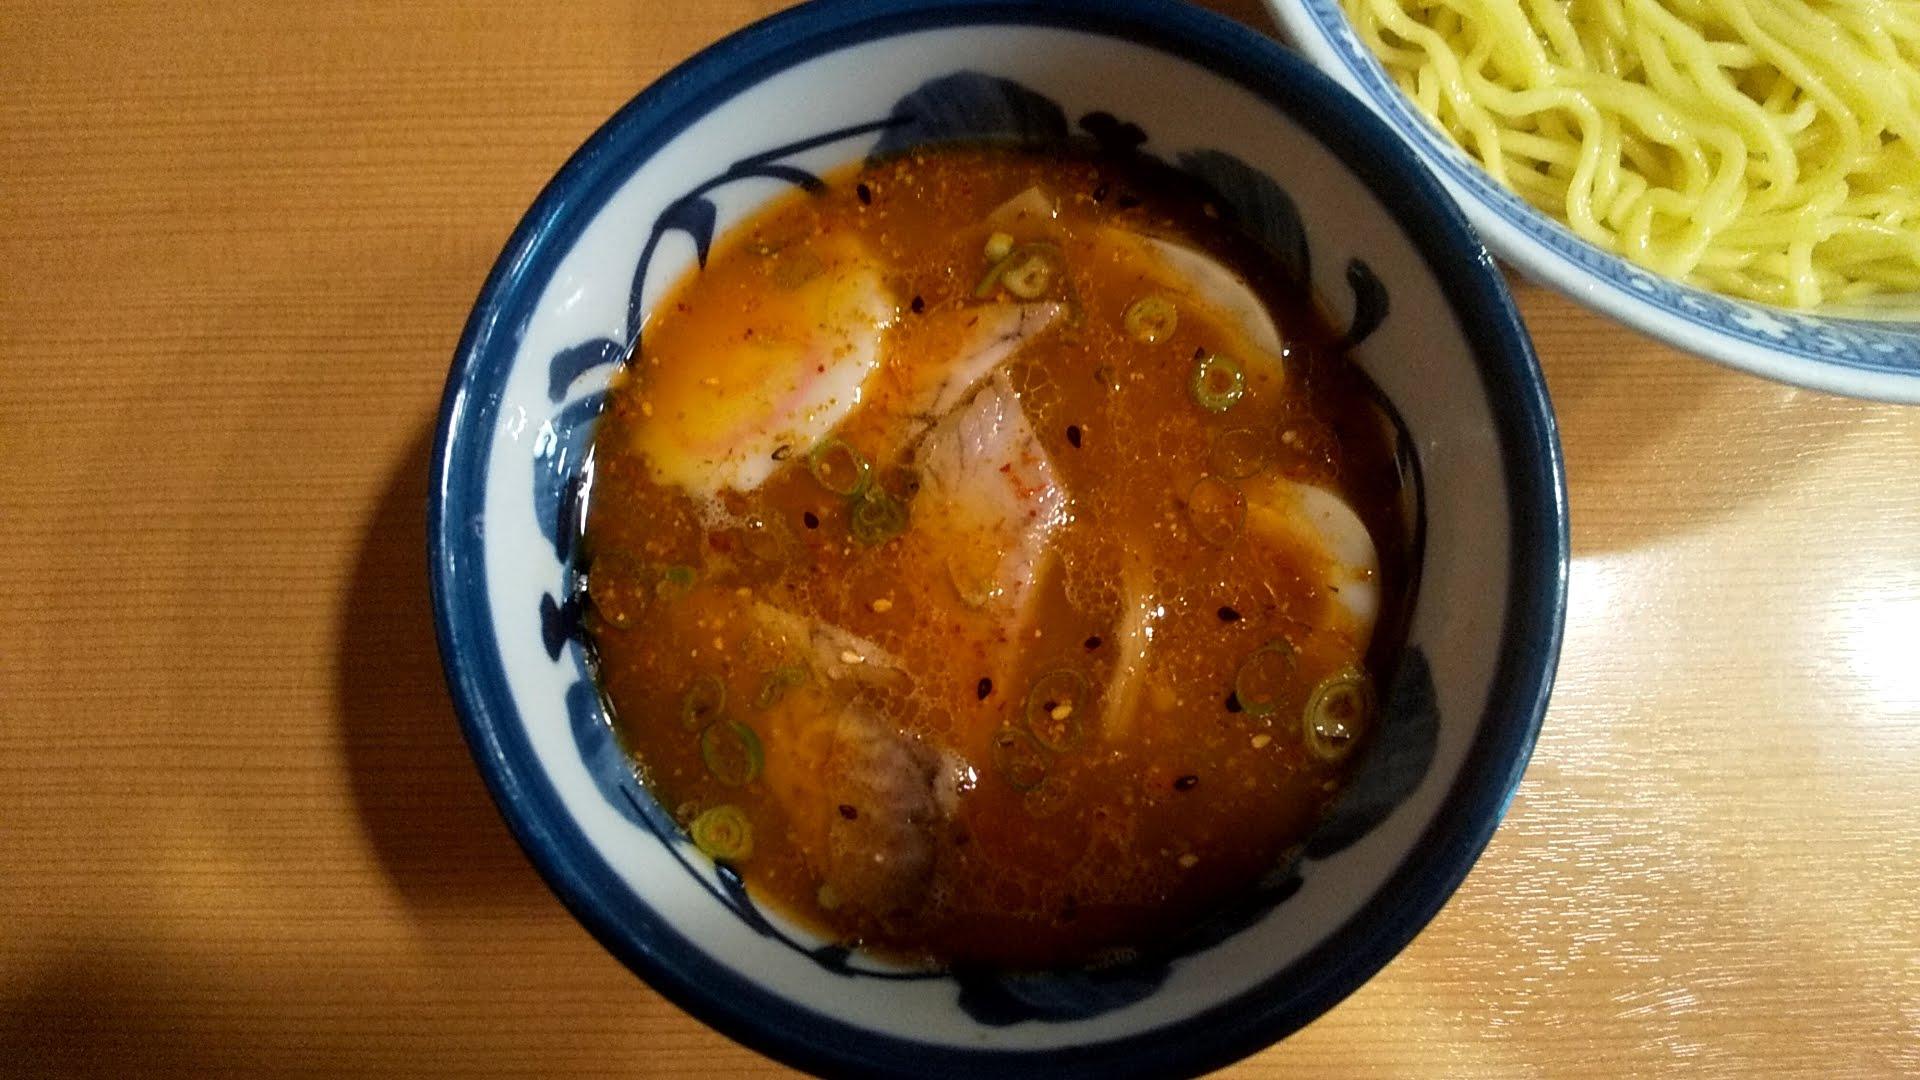 中華そば青葉本店の特製つけ麺のつけ汁の写真